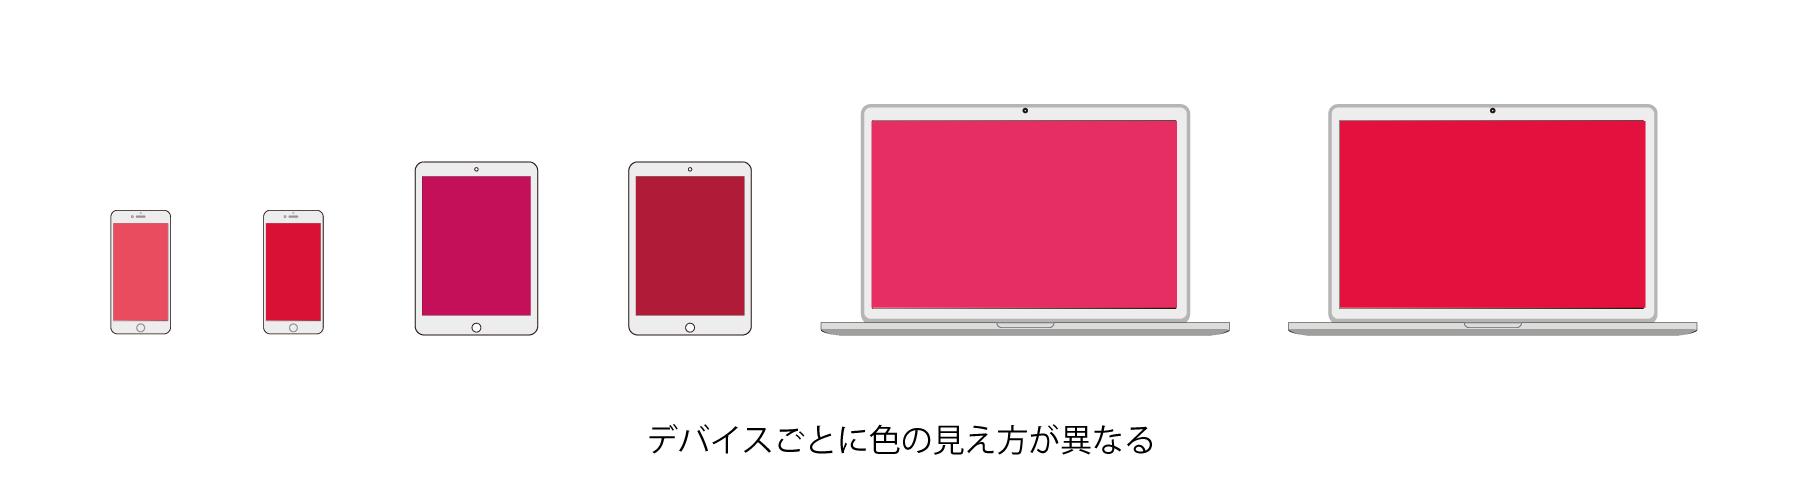 デバイスごとに色の見え方が異なる